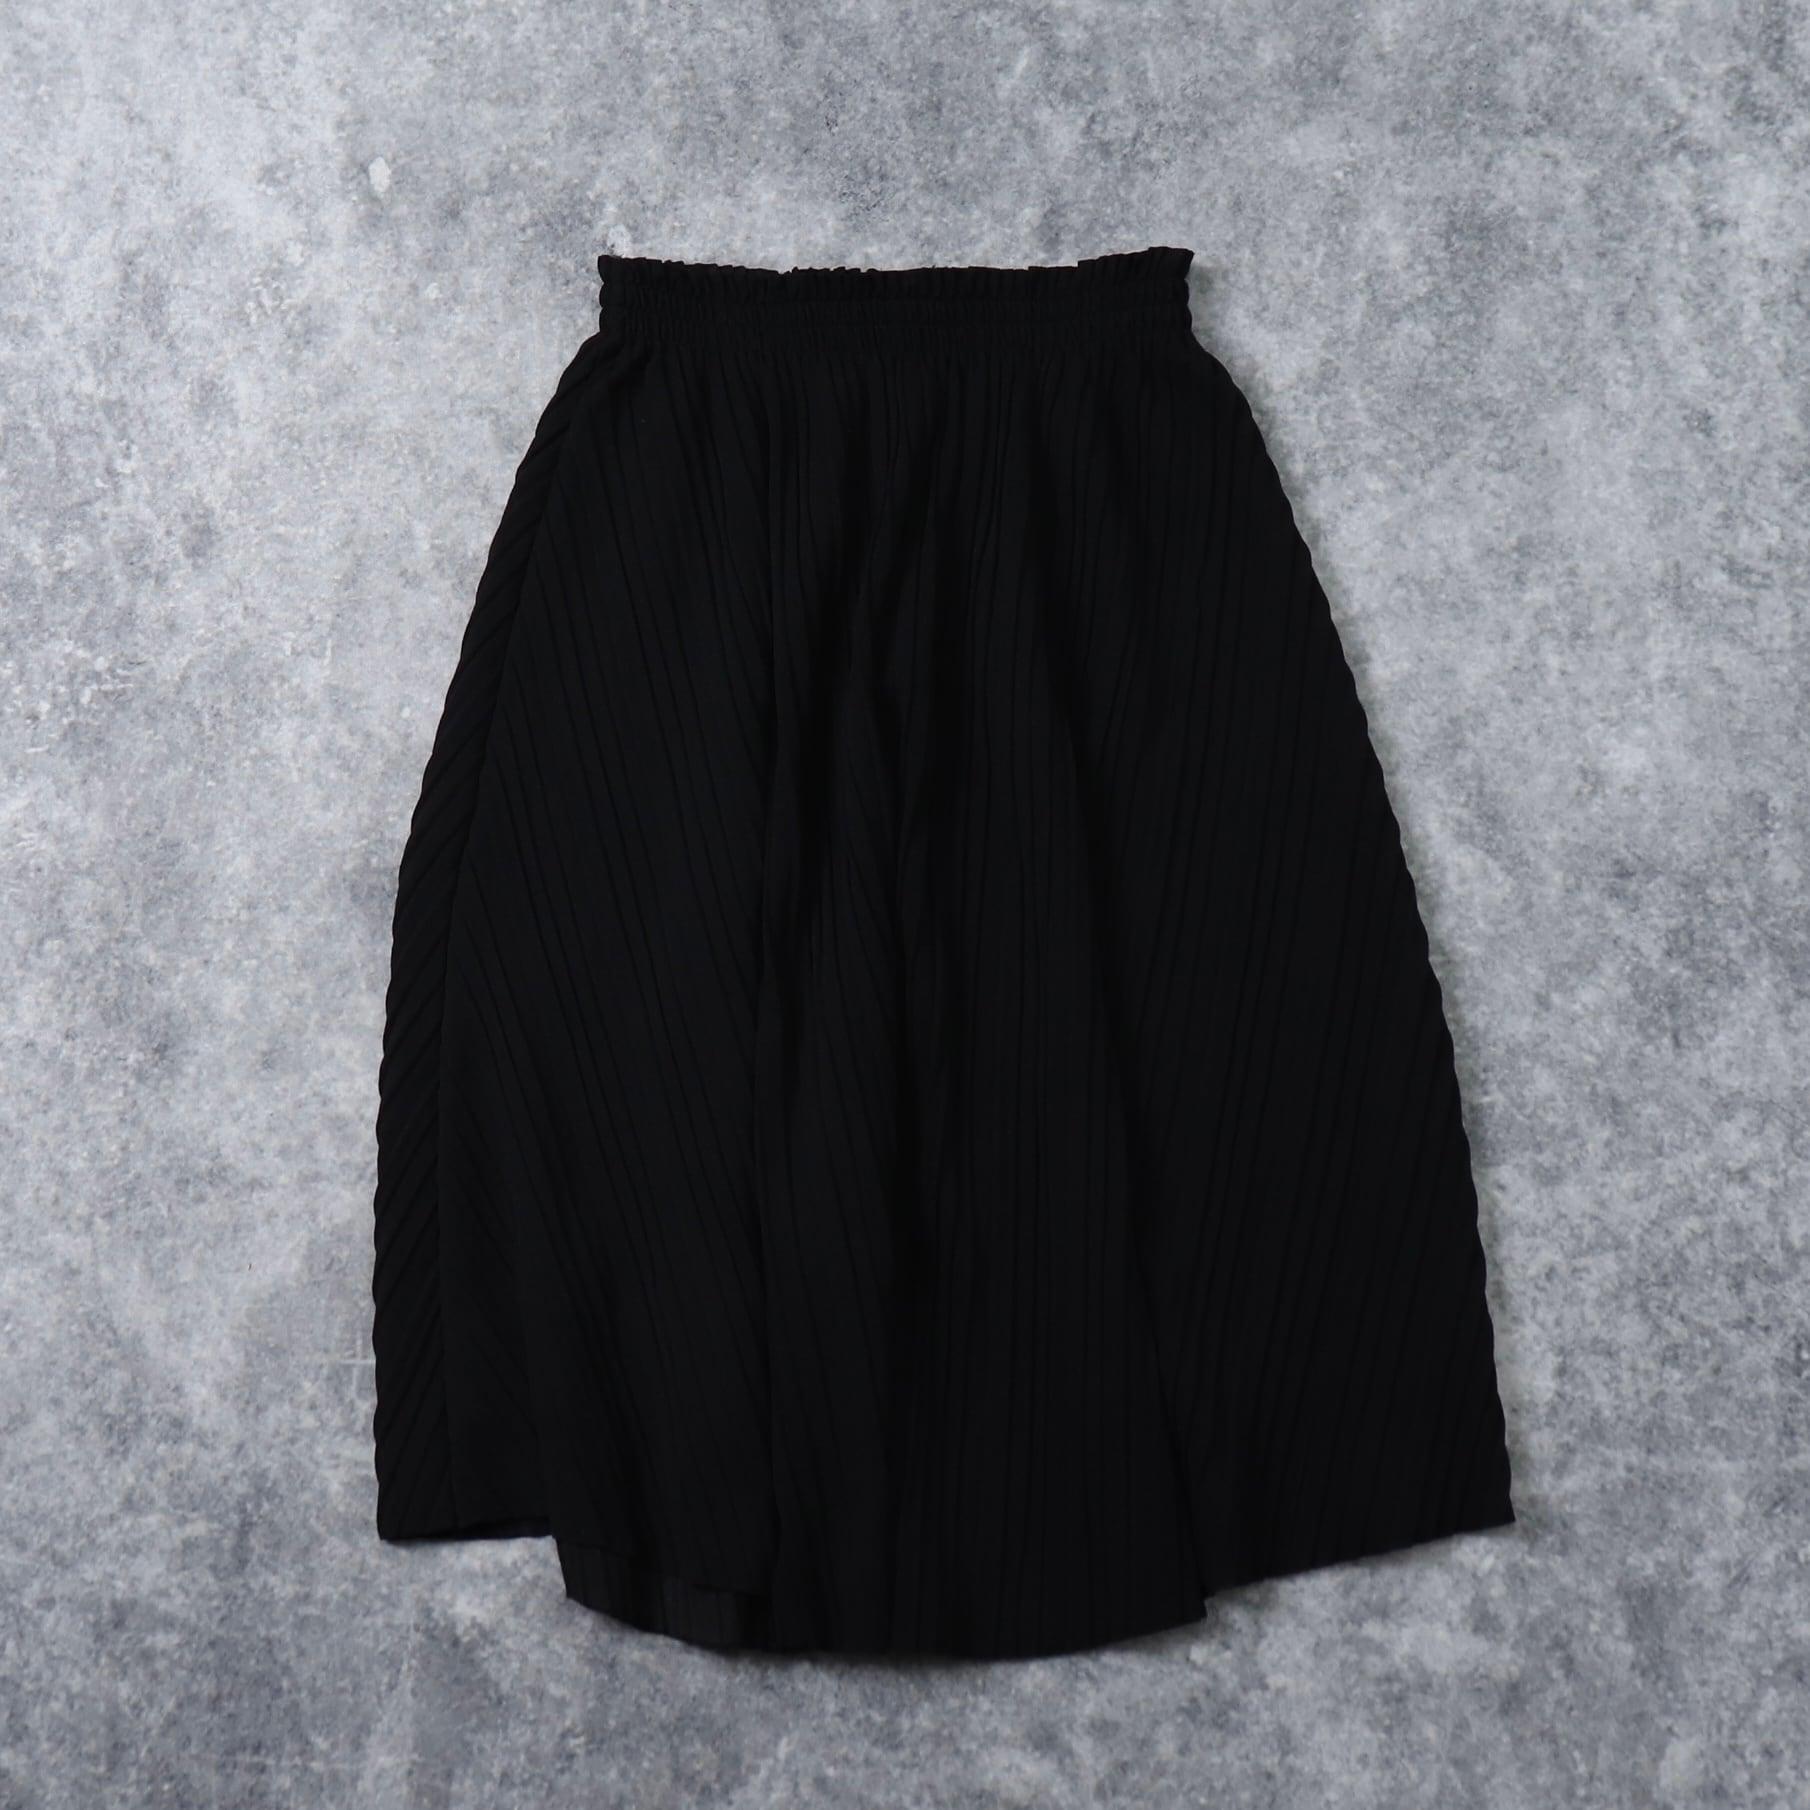 70年代 ヴィンテージ プリーツスカート ポリエステル  ブラック レディース M  古着 Usa 70's  Vintage  Skirt